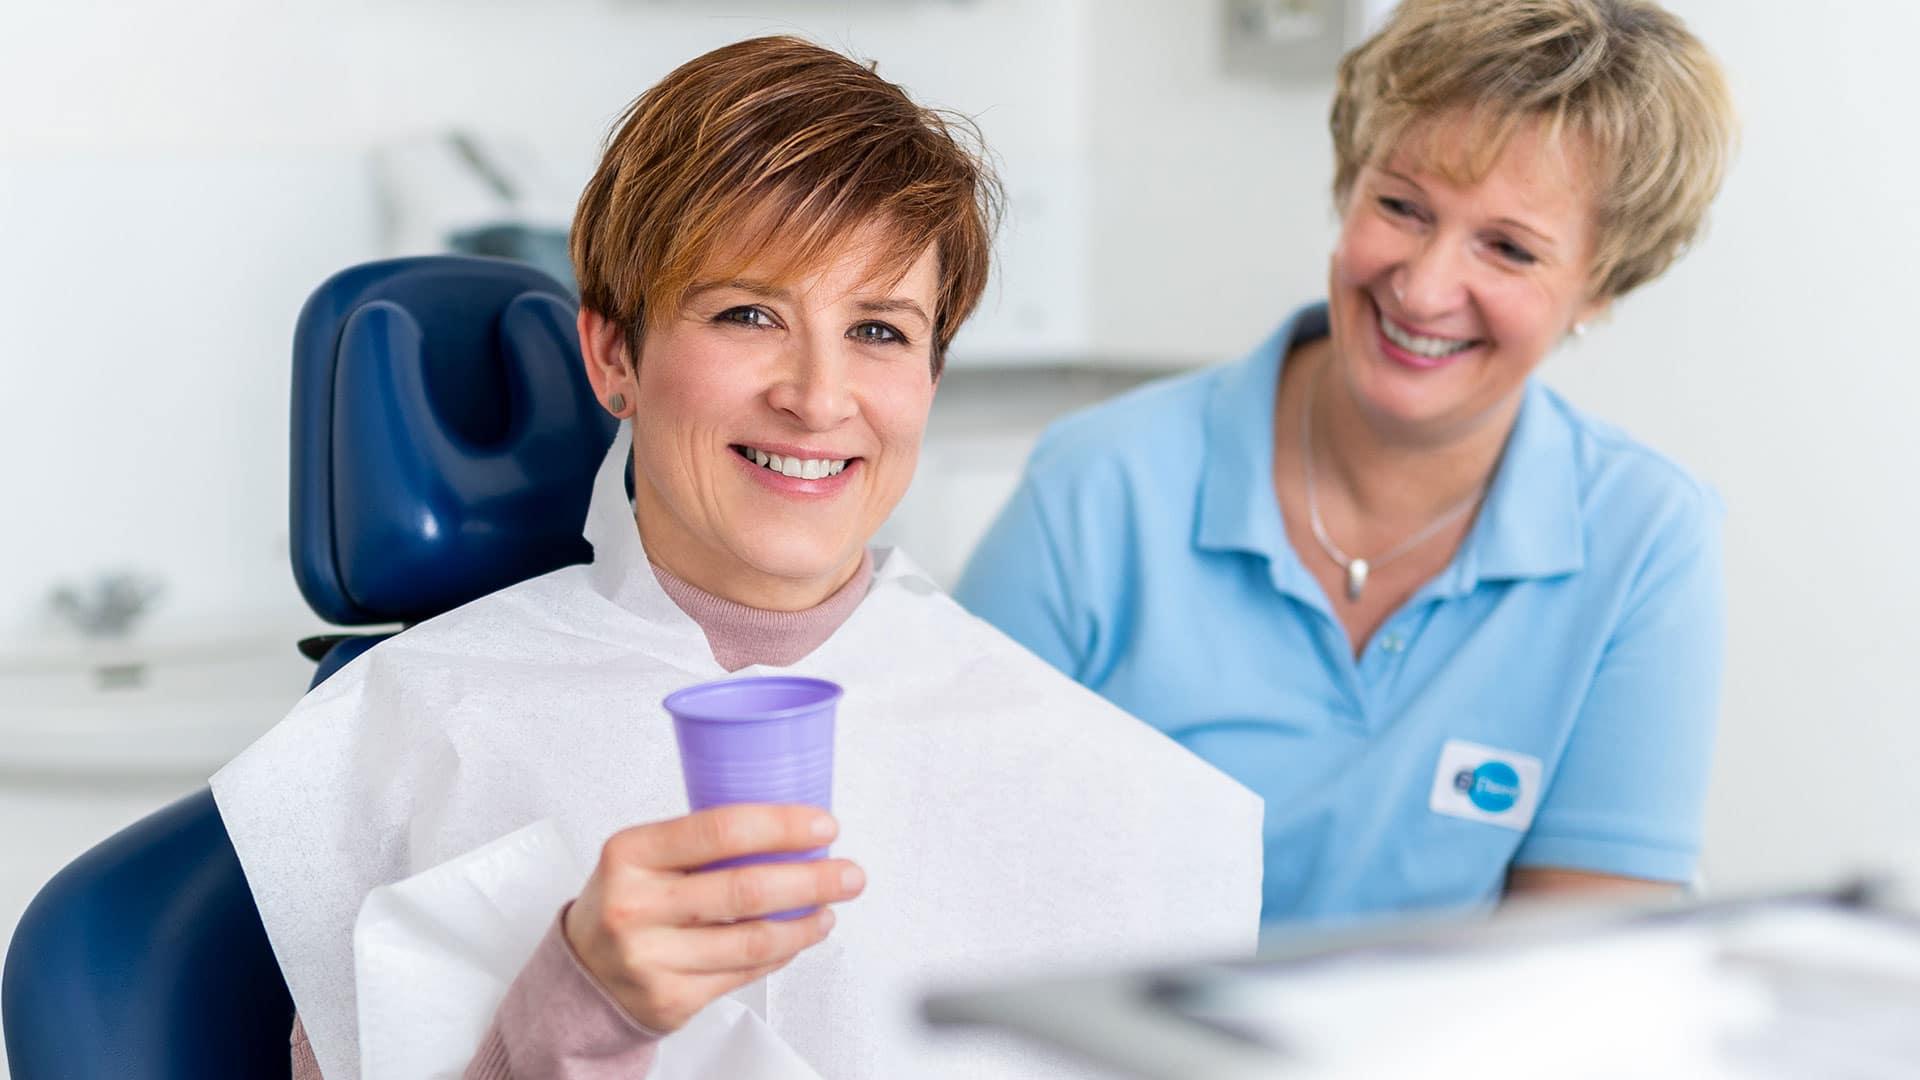 Mit der Richtlinie zur systematischen Behandlung von Parodontitis und anderer Parodontalerkrankungen (PAR-Richtlinie) wurde die parodontologische Versorgung im Juli 2021 auf eine neue Grundlage gestellt